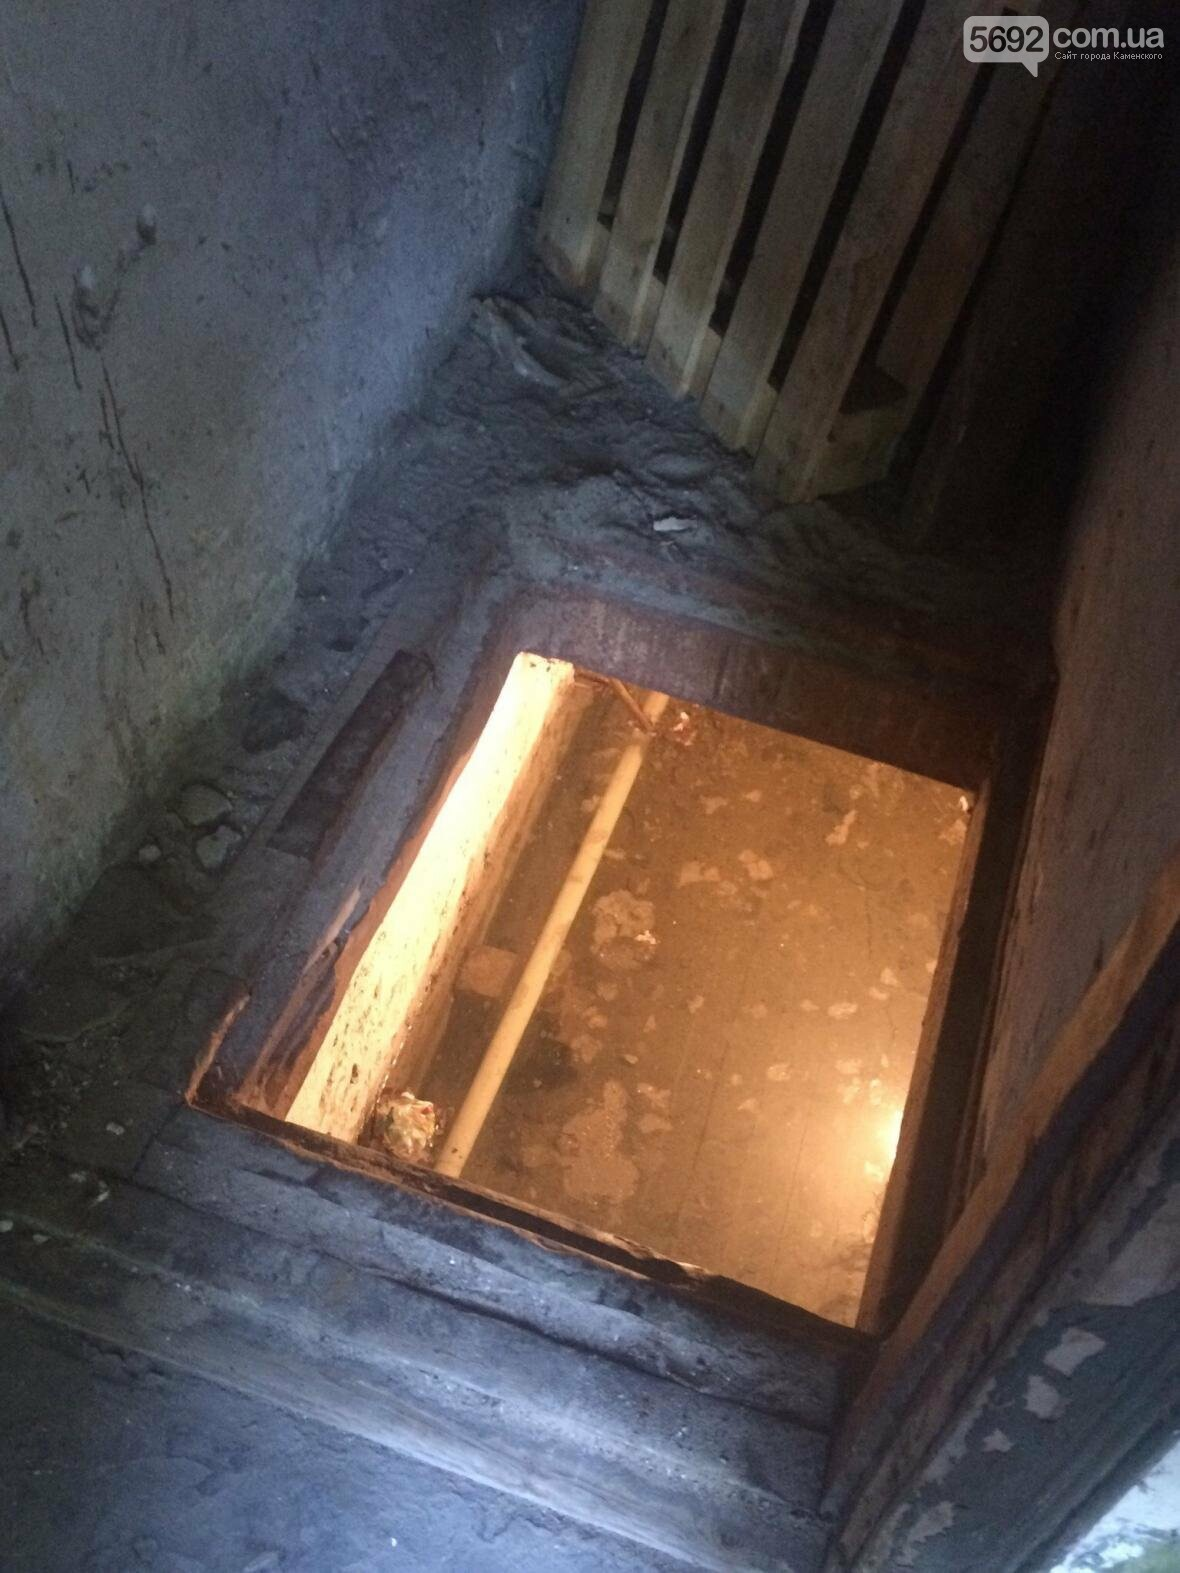 В Каменском из-за воды в подвале проседает дом на Мурахтова, фото-2